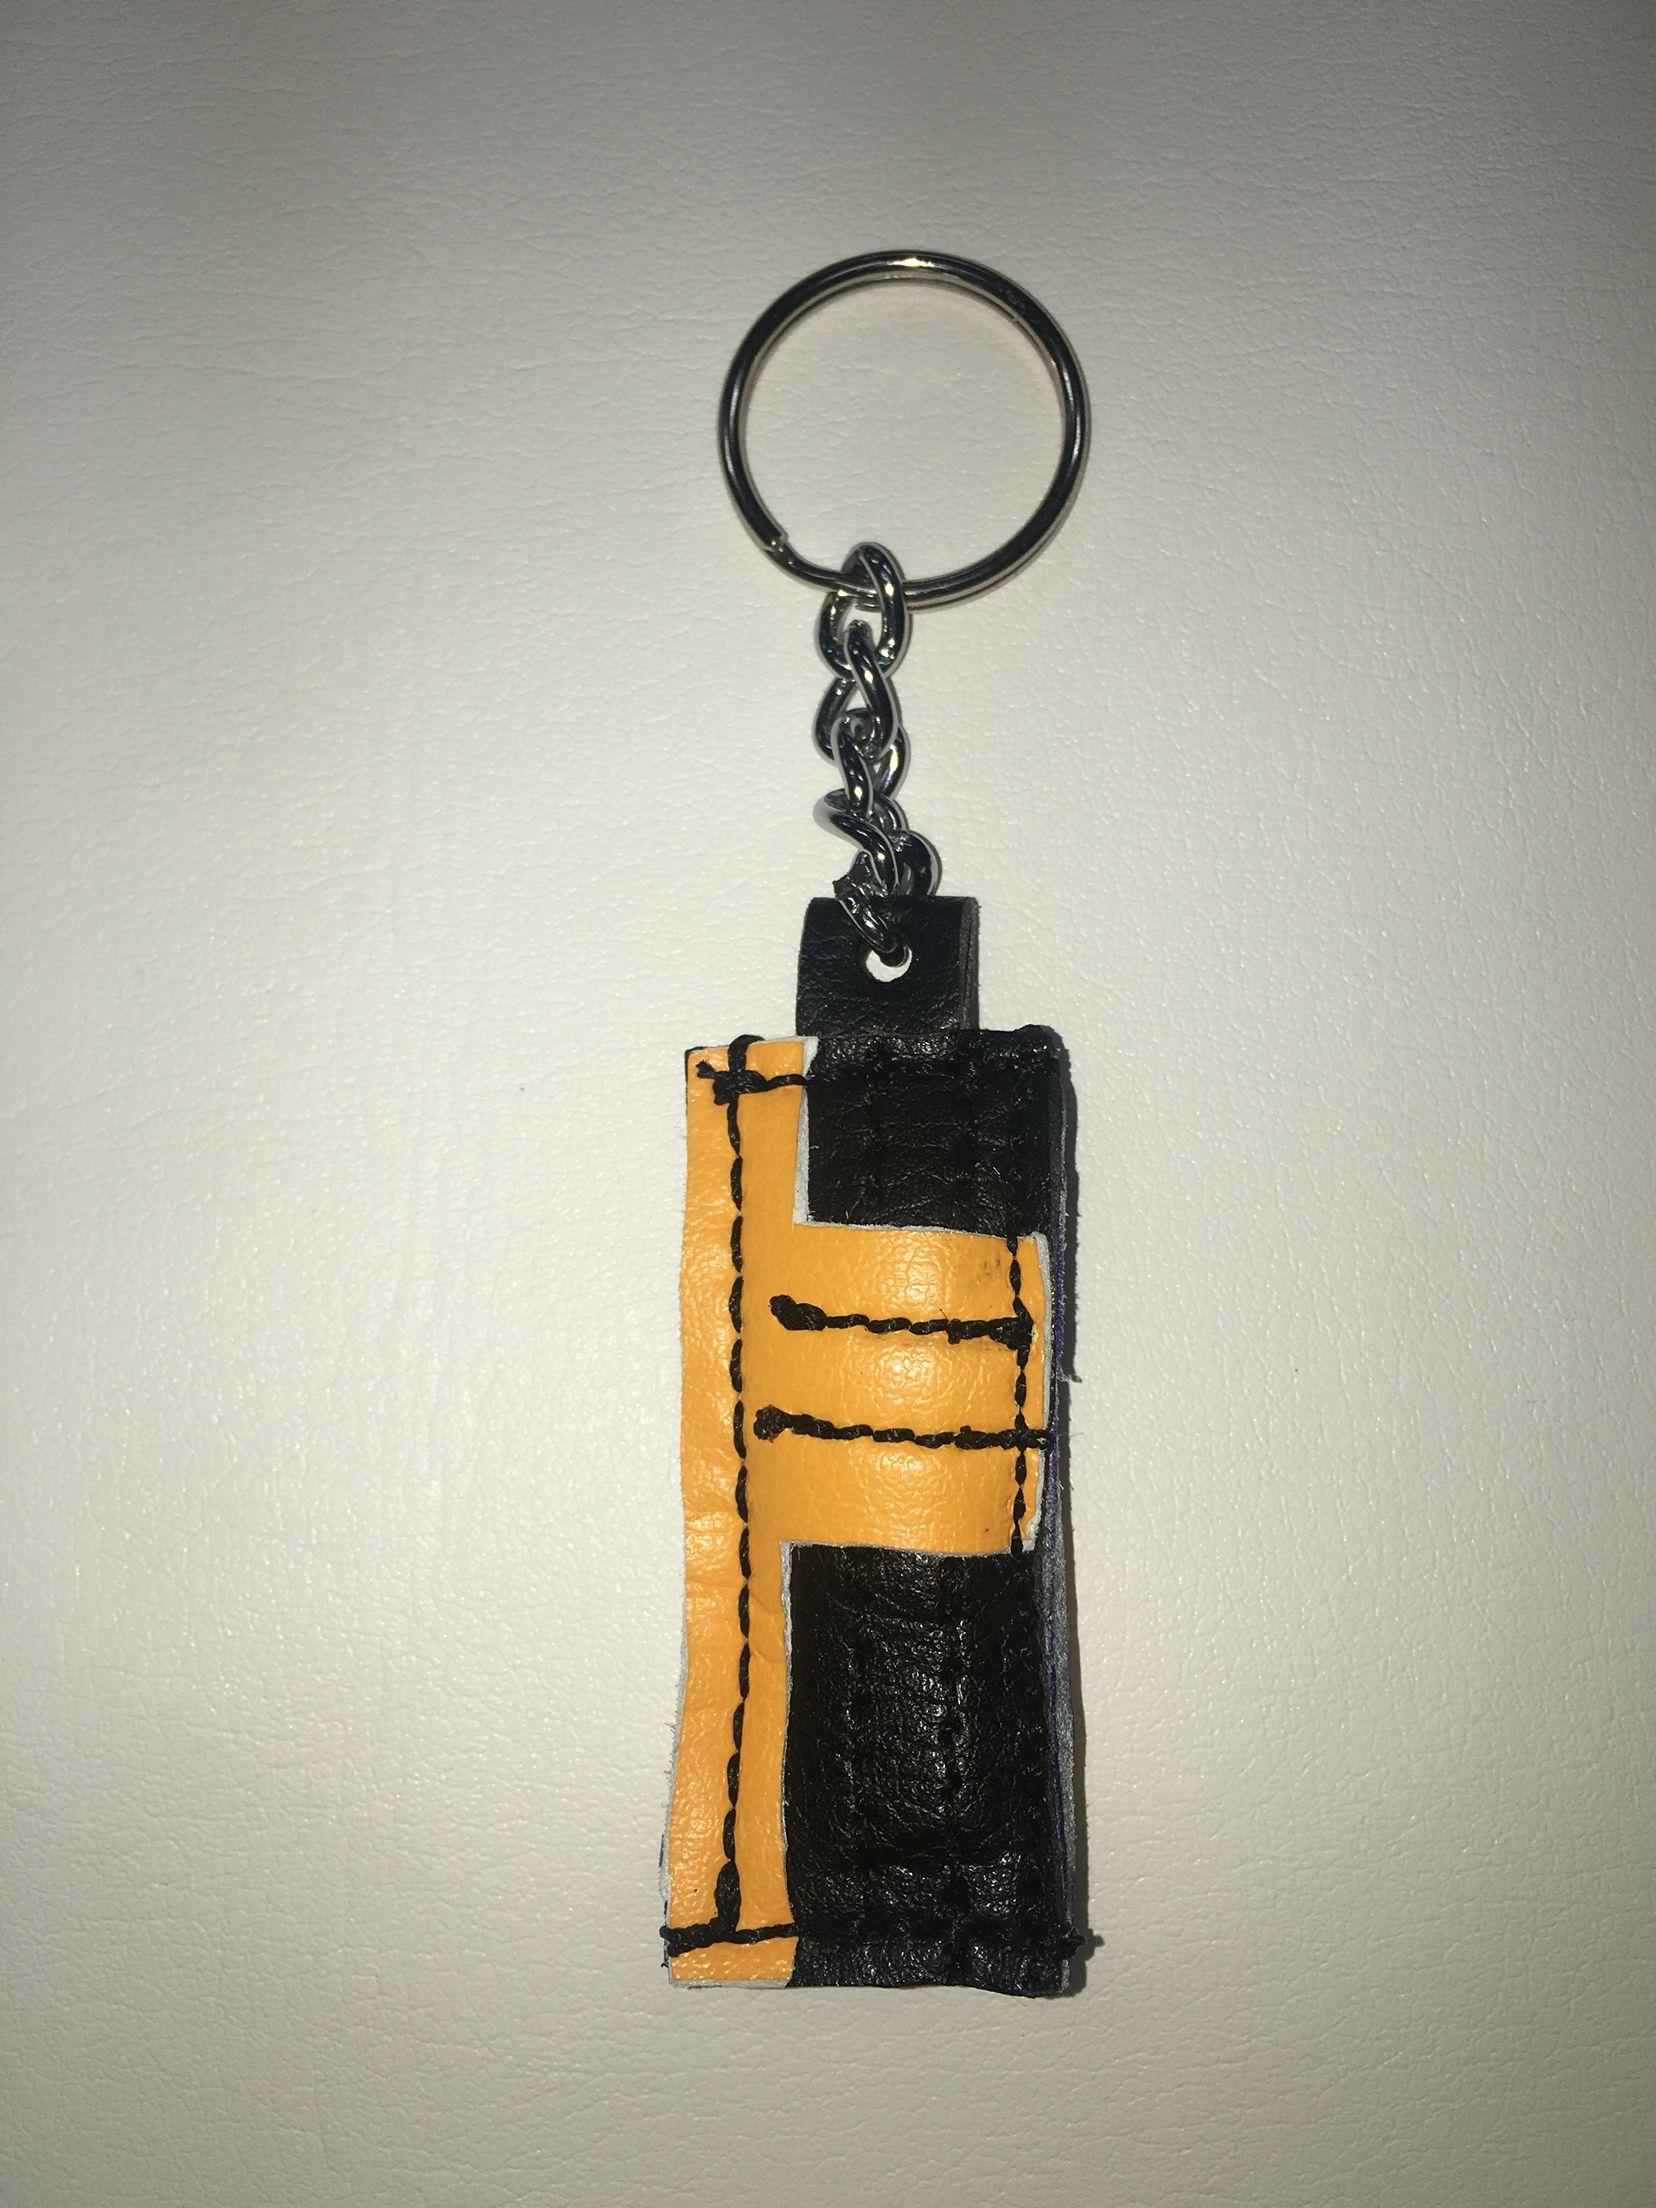 Tendy Keychains #tendypads www.fixmygear.com